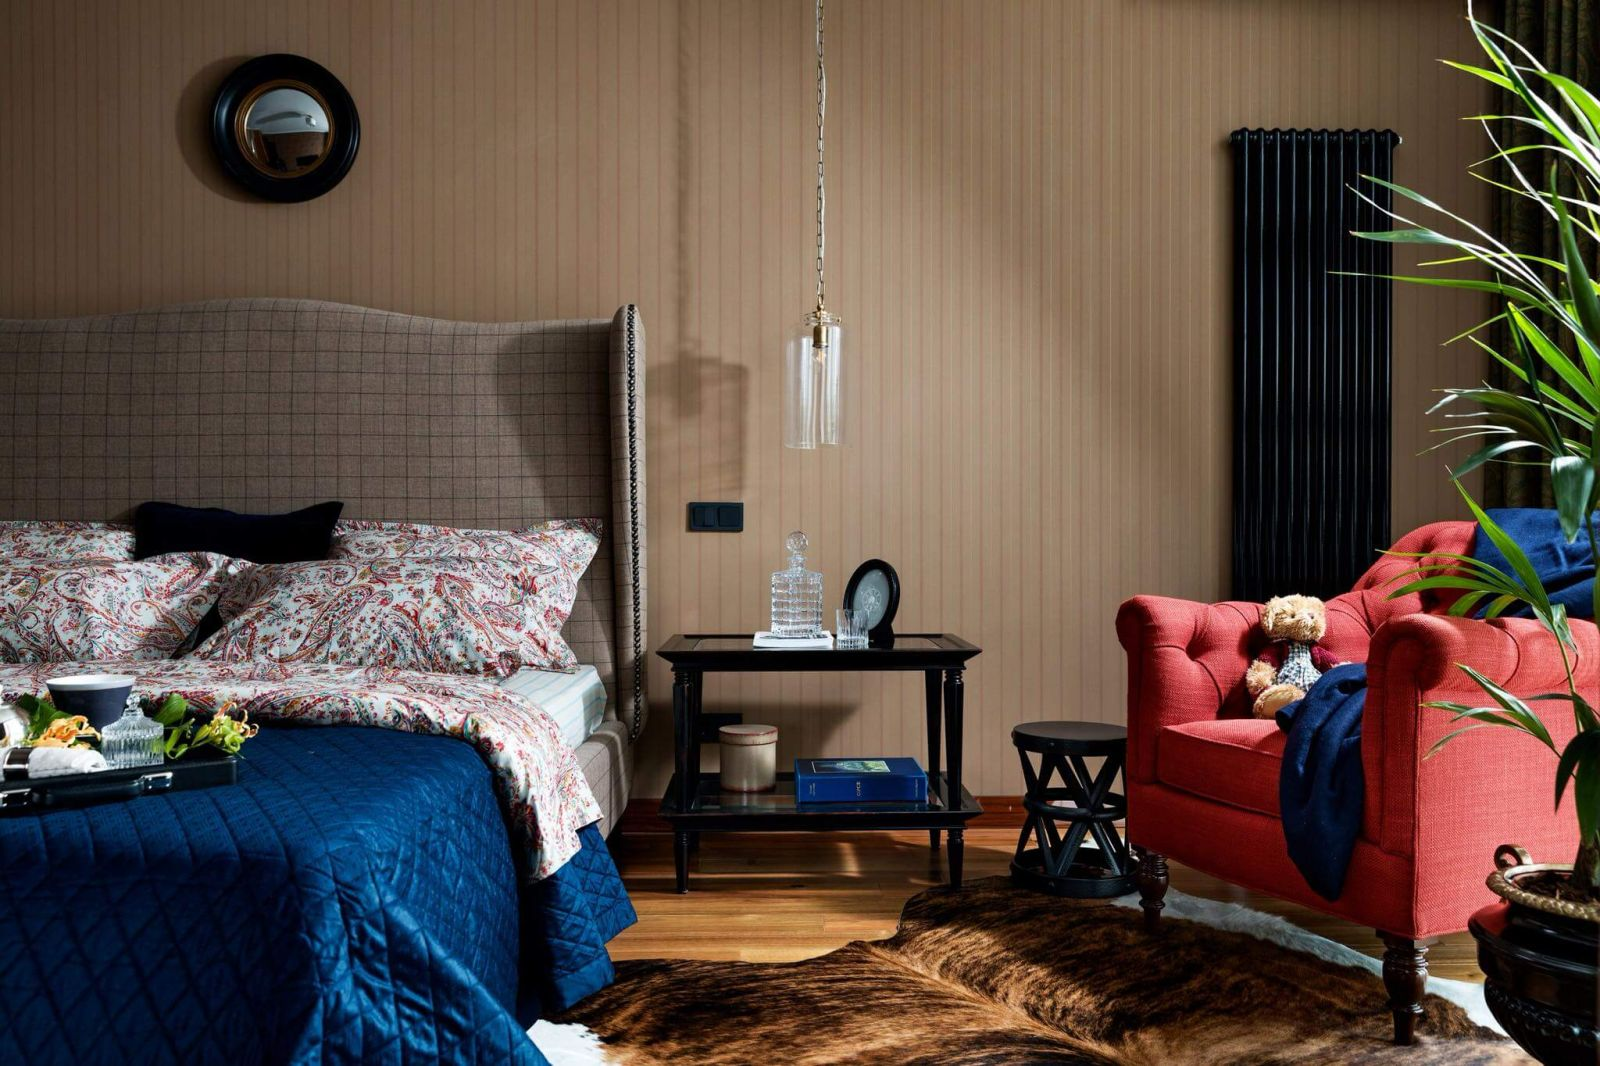 Цветовая палитра интерьера спальни глубокая и насыщенная, что добавляетощущения уюта